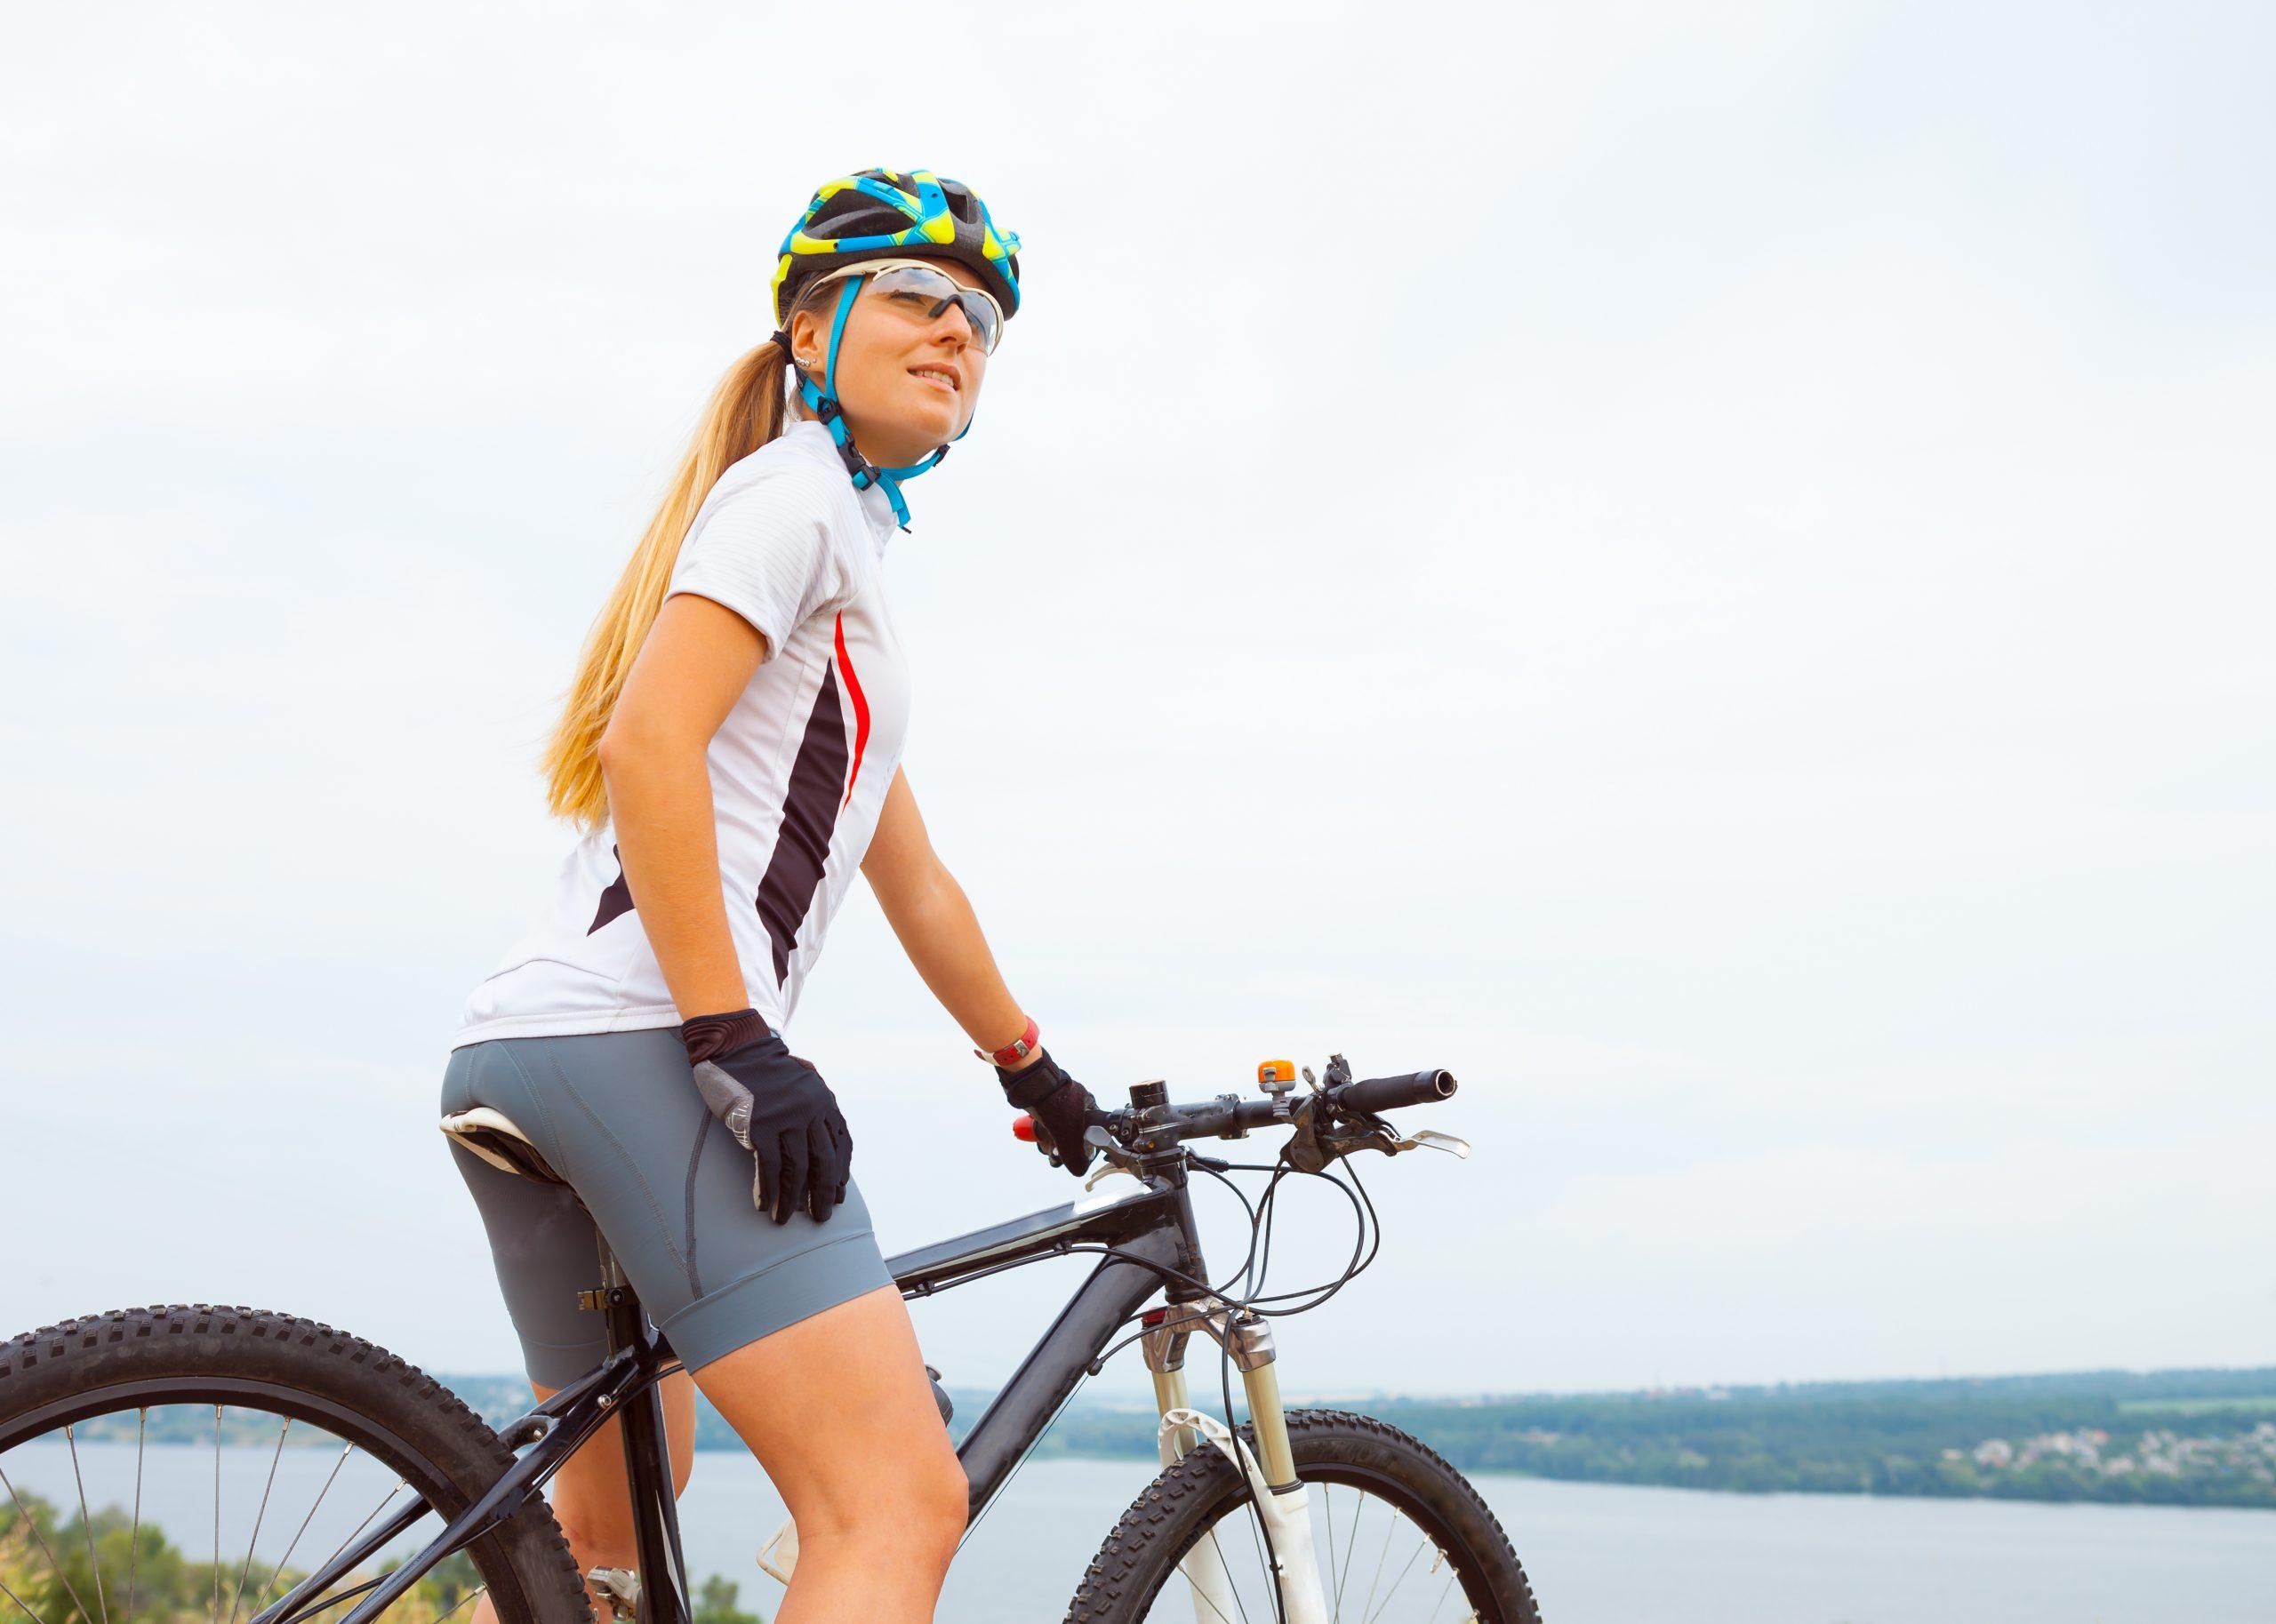 Jak wykonać trening tabata na rowerze?